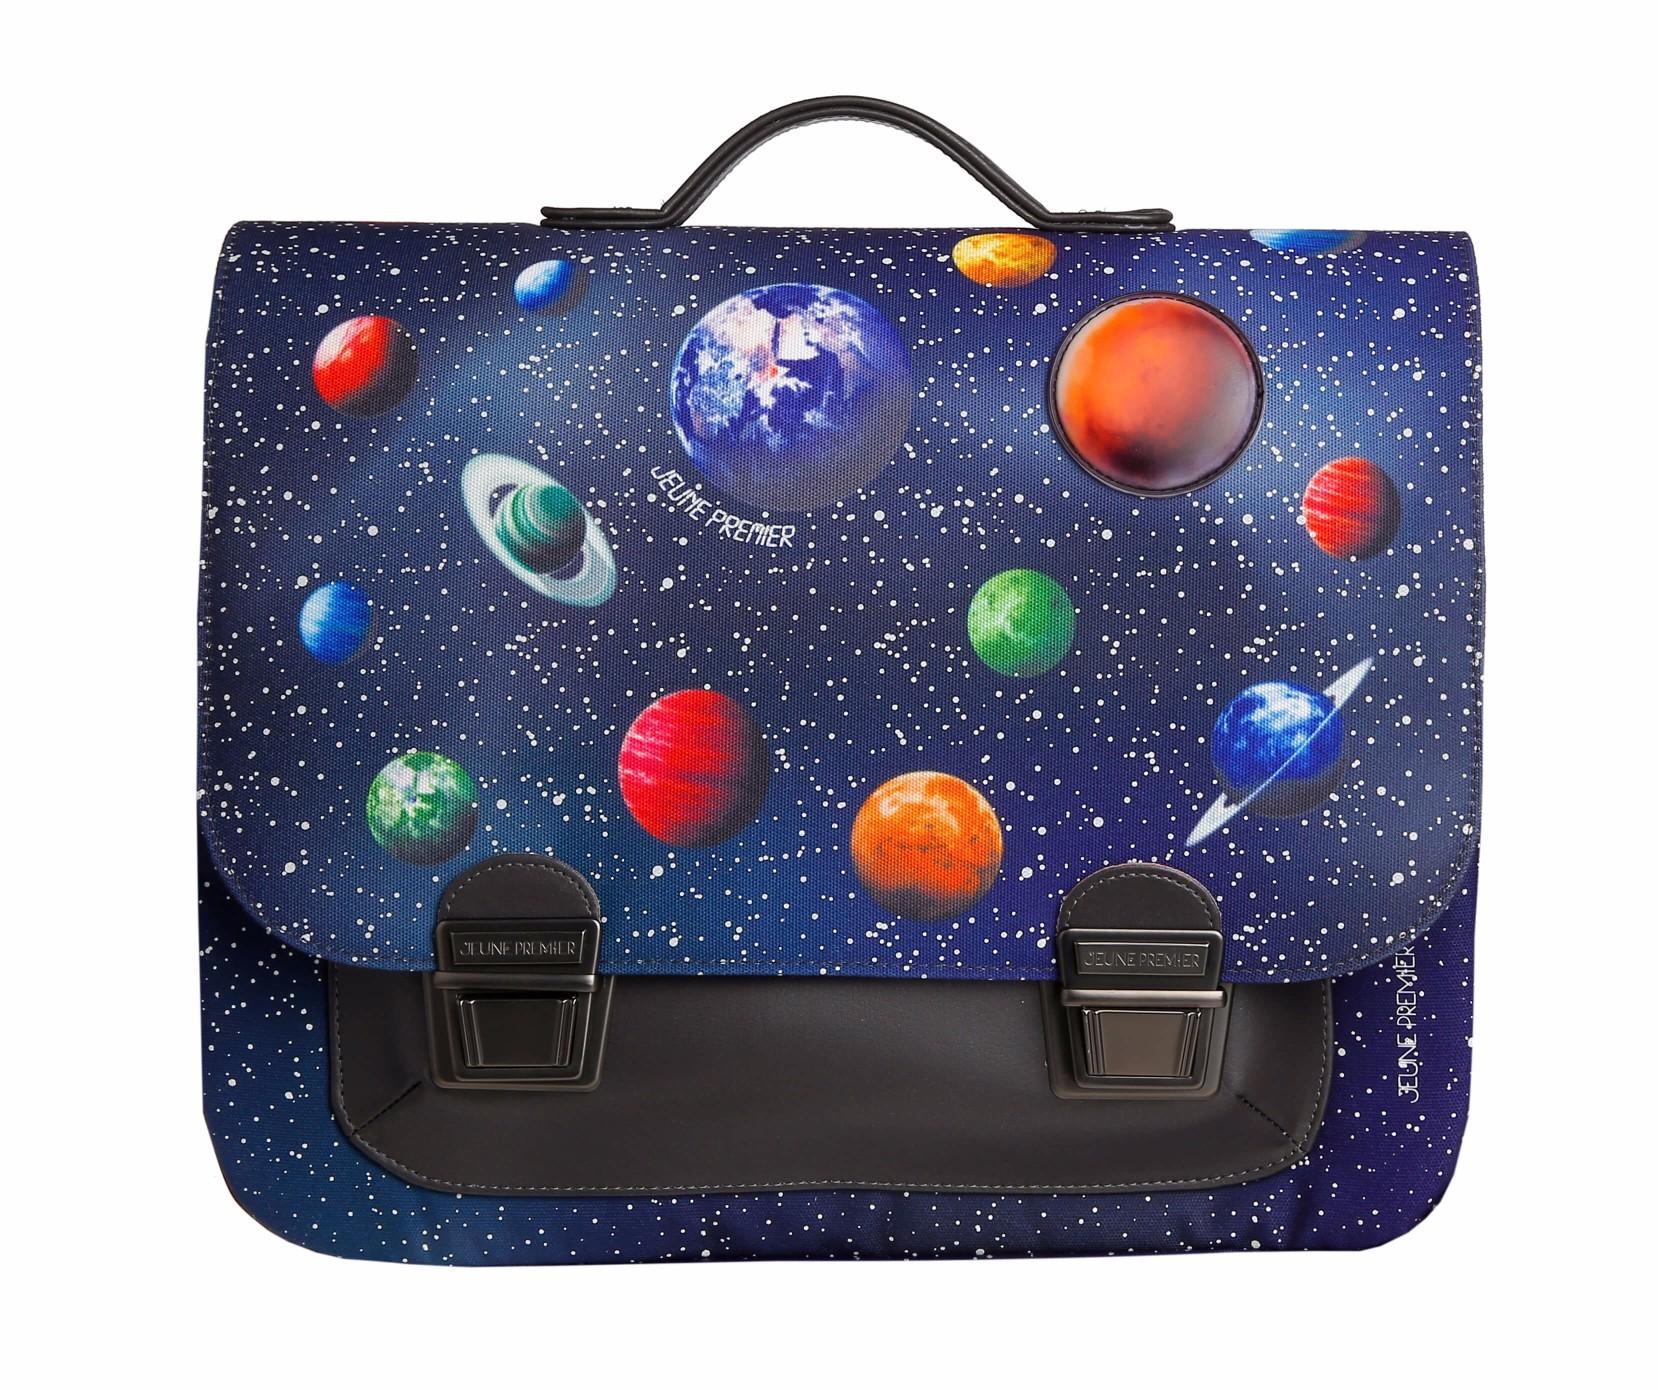 Школьный портфель для мальчика Jeune Premier Space Midi Космос, - фото 2